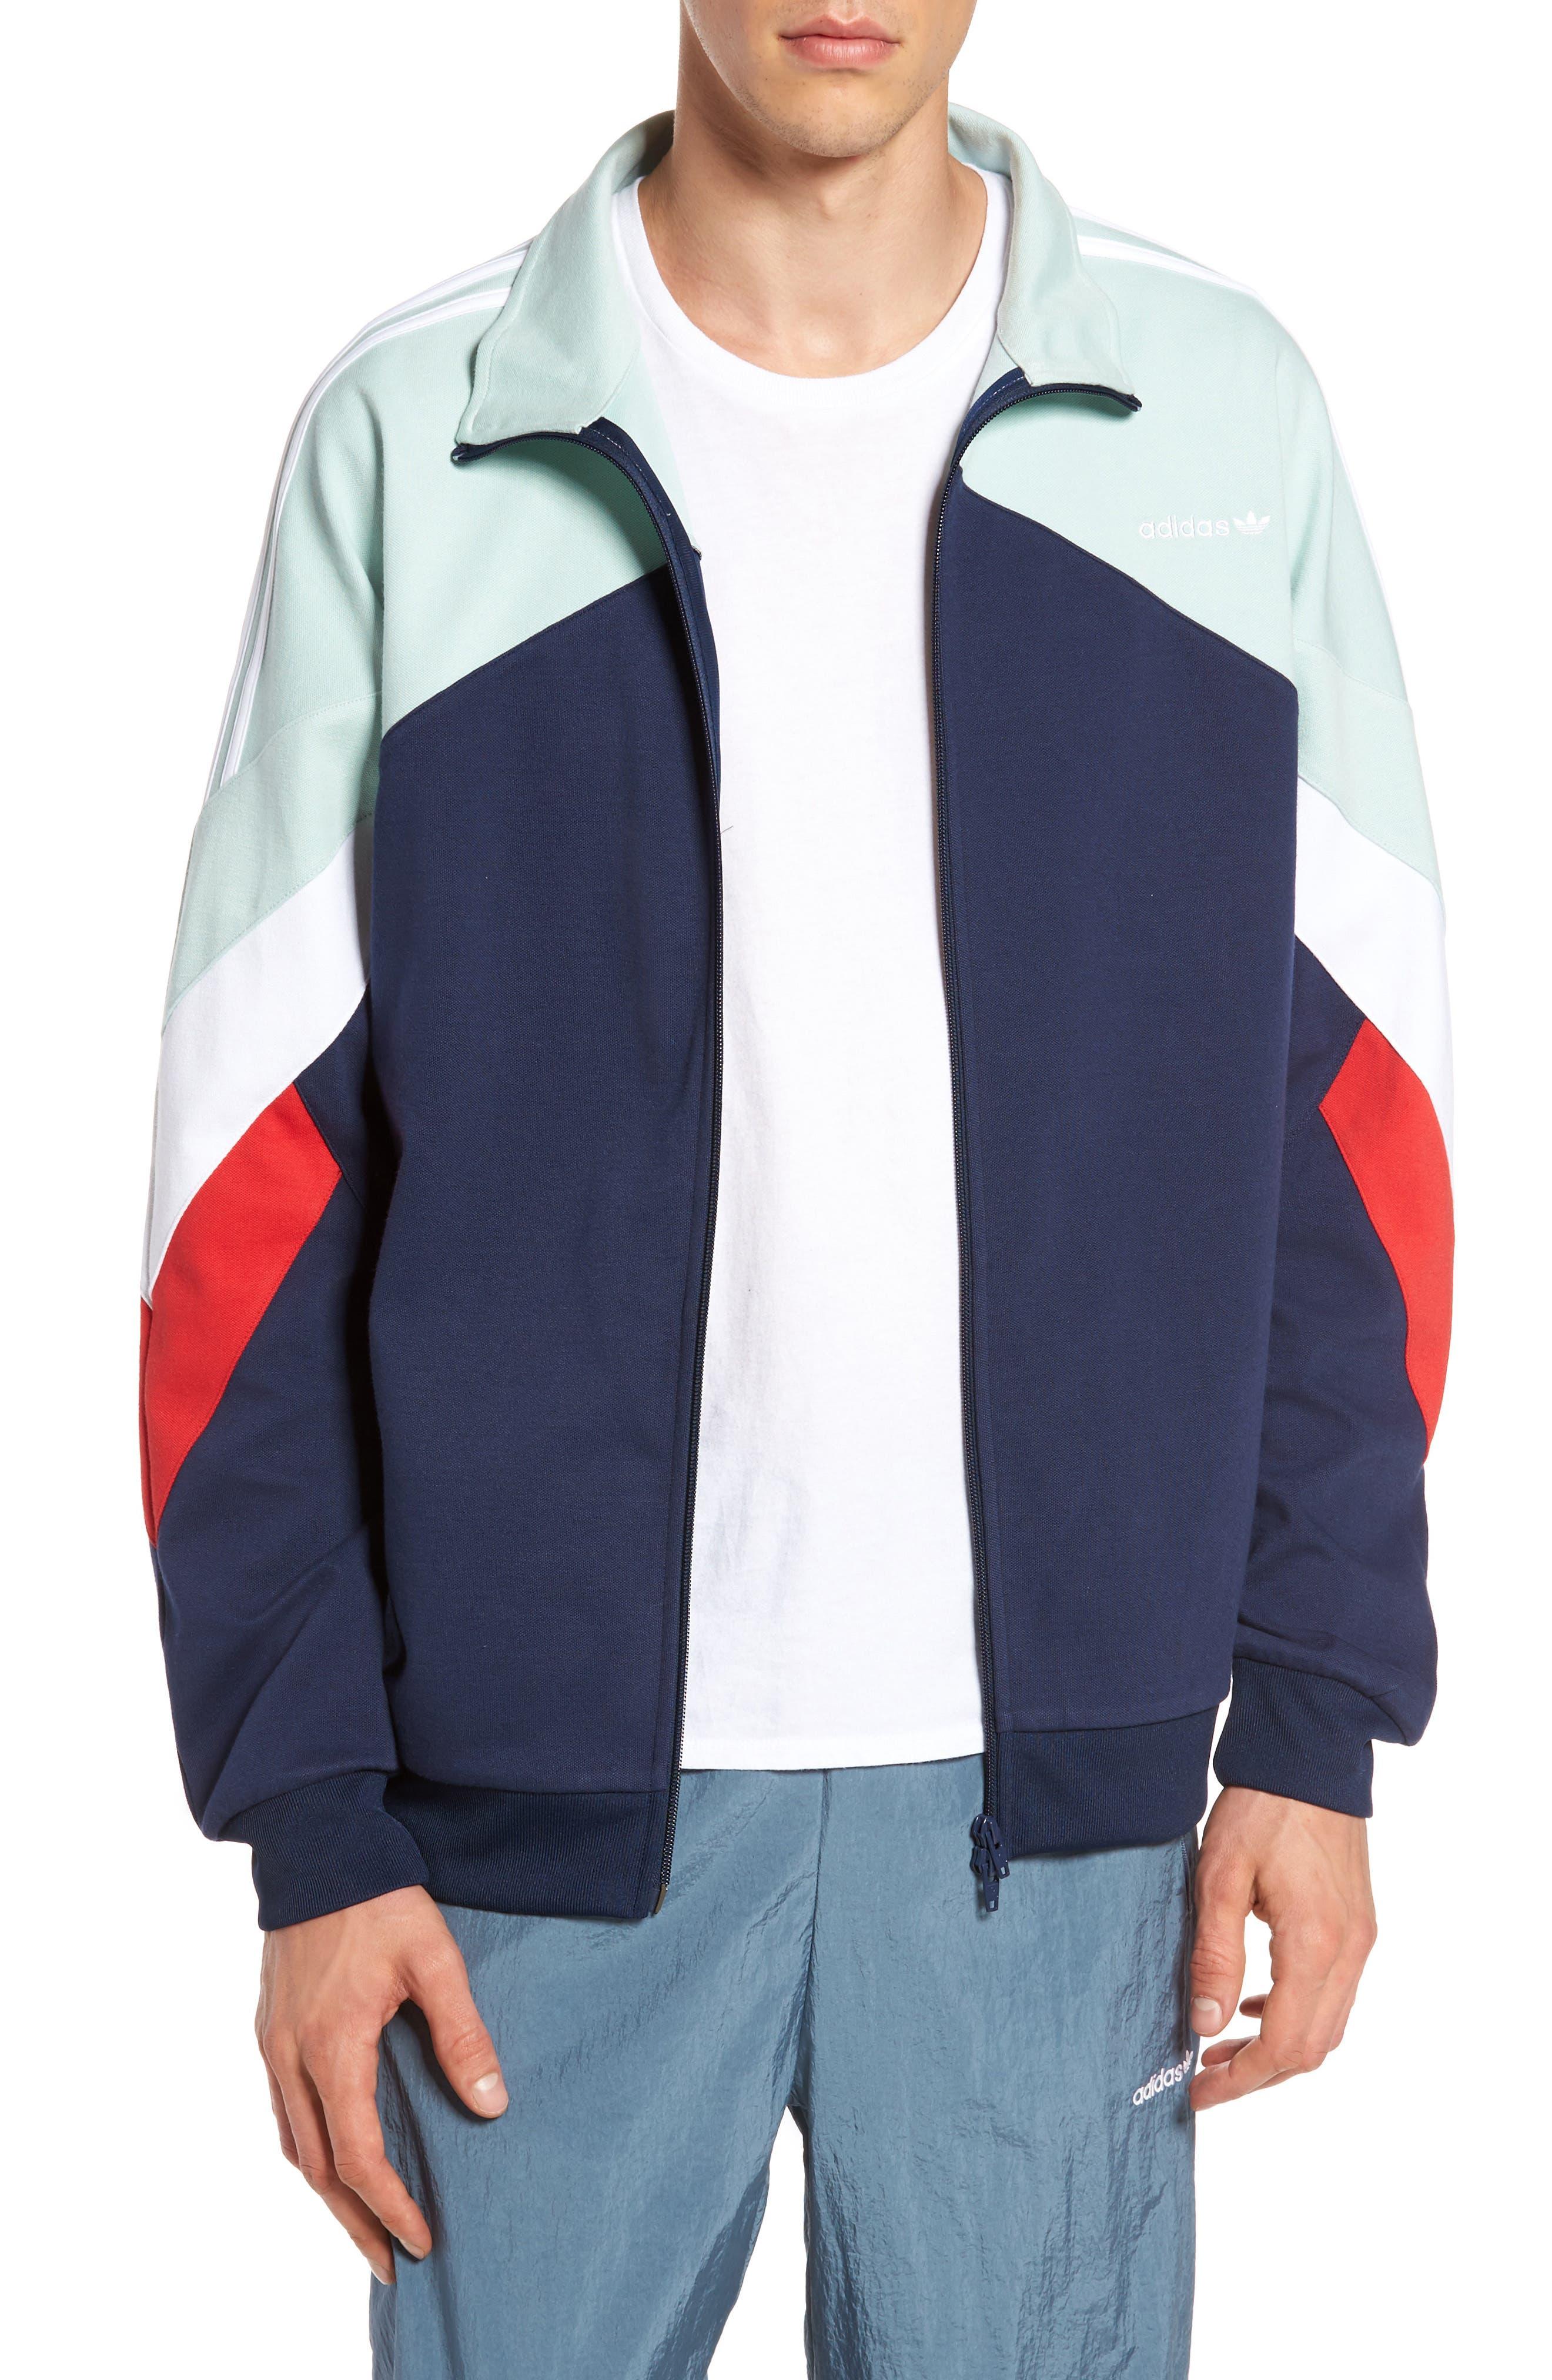 Originals Palmeston Track Jacket,                         Main,                         color, Collegiate Navy